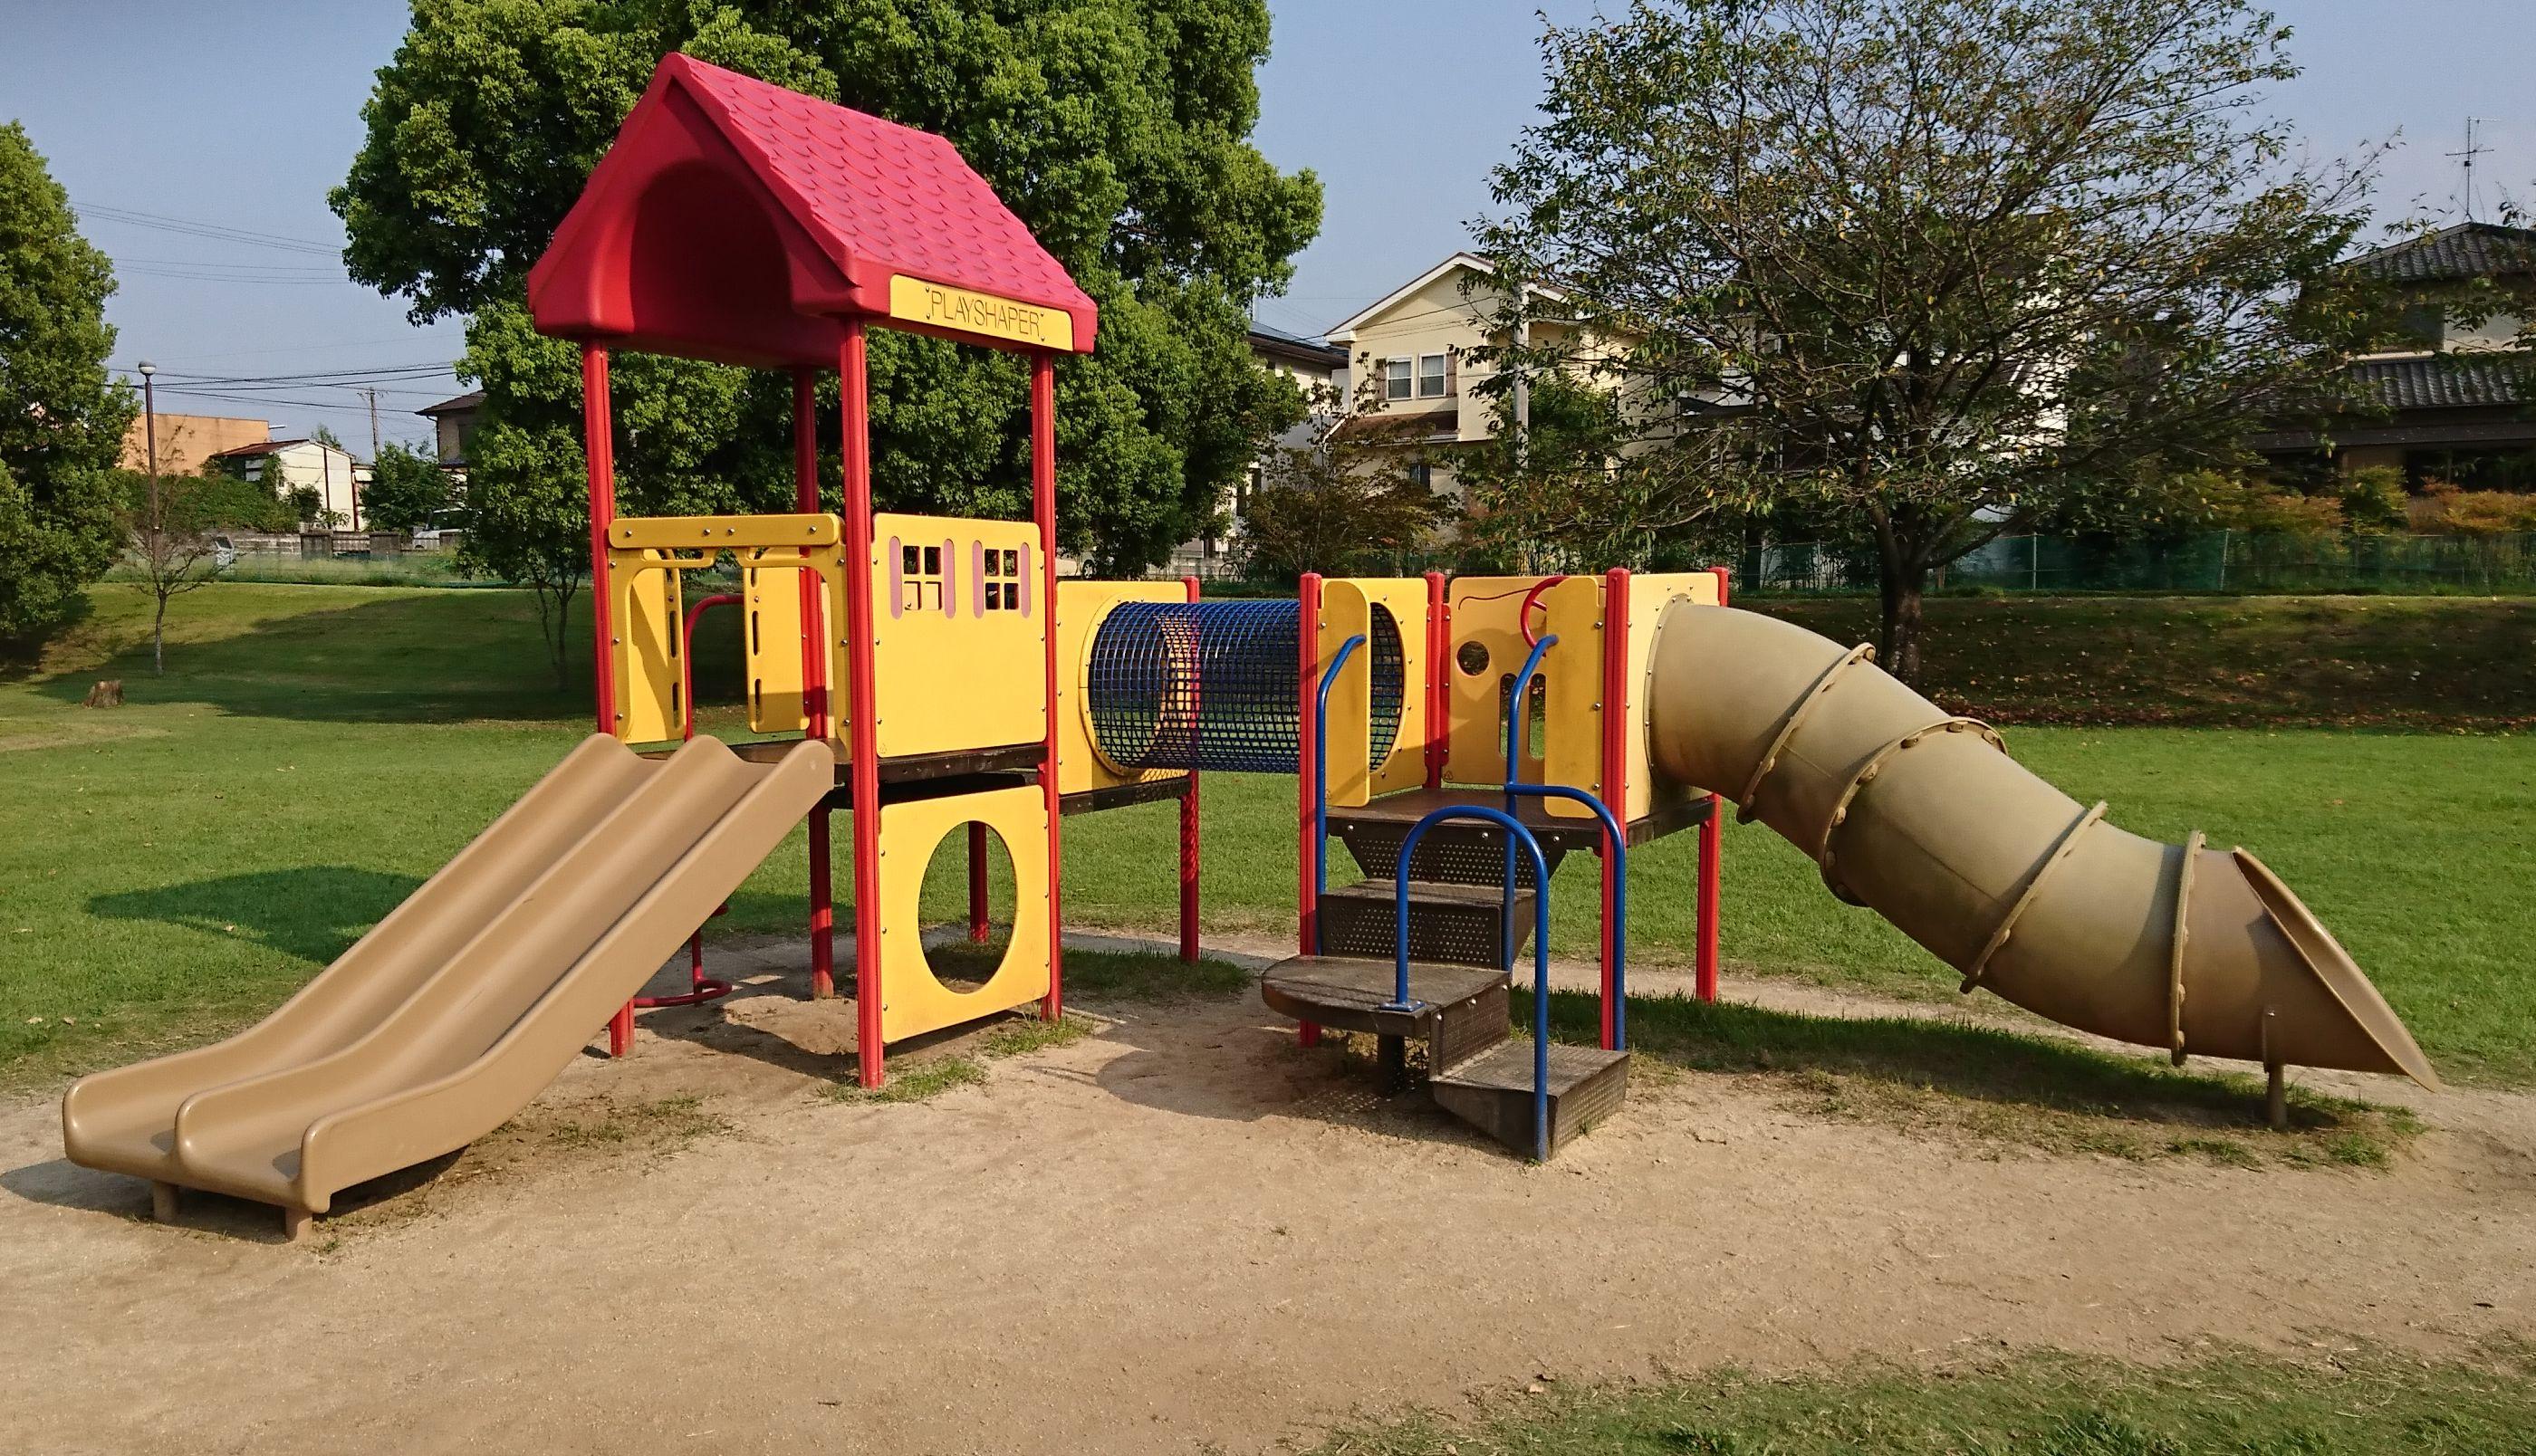 【元気の森公園】合志市、水遊び&芝生の広い自然豊かな公園